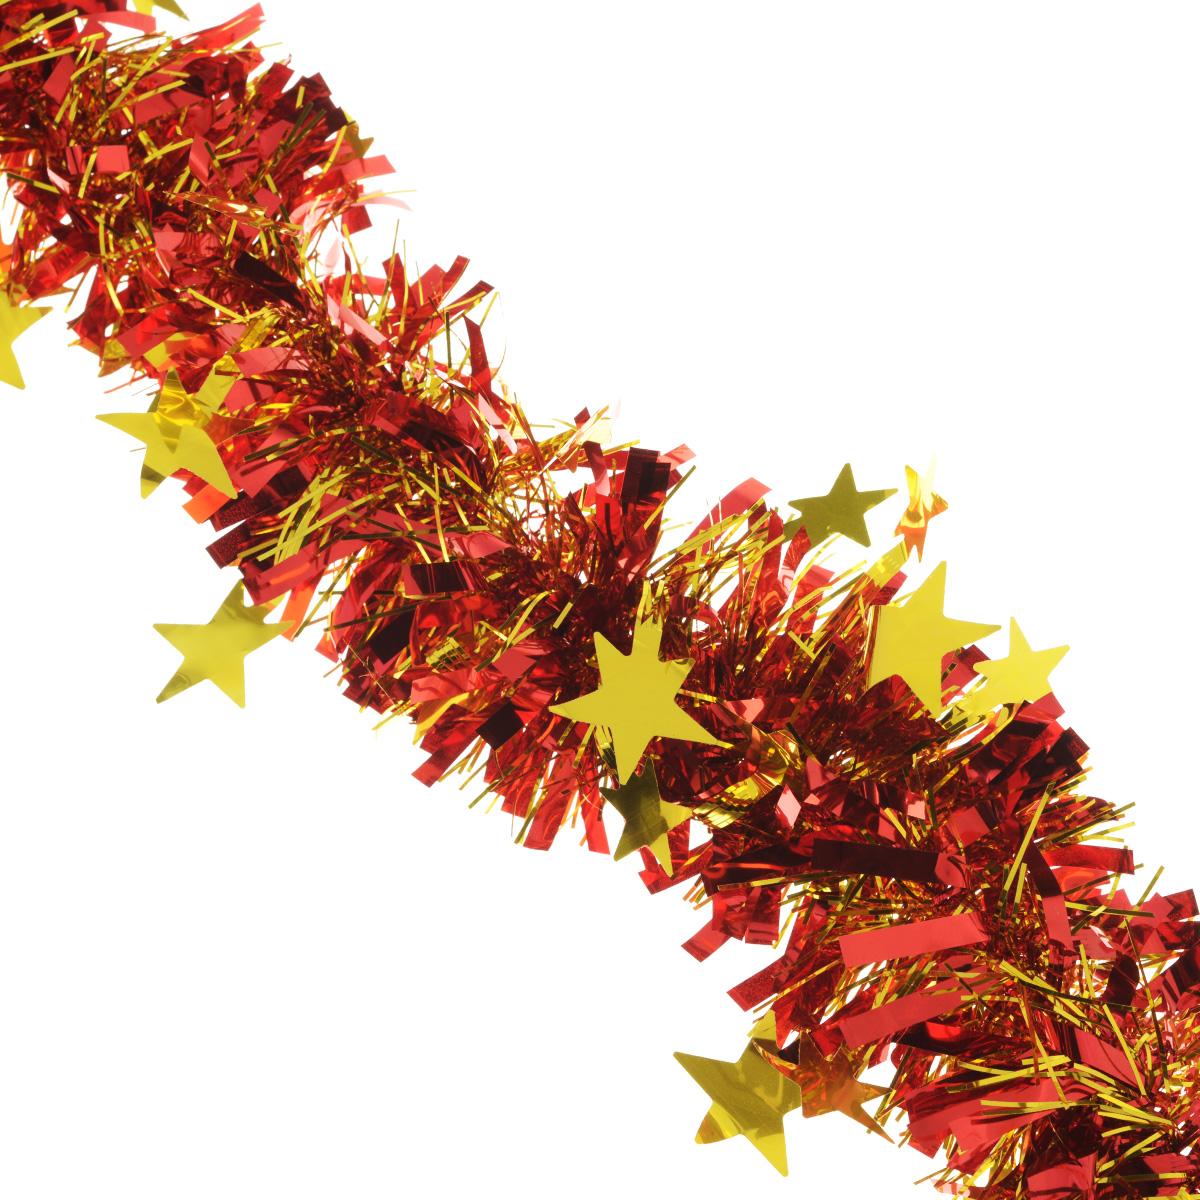 Мишура новогодняя Sima-land, цвет: золотистый, красный, диаметр 9 см, длина 2 м. 706595706595Мишура новогодняя Sima-land, выполненная из двухцветной фольги, поможет вам украсить свой дом к предстоящим праздникам. Мишура армирована, то есть имеет проволоку внутри и способна сохранять приданную ей форму. Новогодняя елка с таким украшением станет еще наряднее. Новогодней мишурой можно украсить все, что угодно - елку, квартиру, дачу, офис - как внутри, так и снаружи. Можно сложить новогодние поздравления, буквы и цифры, мишурой можно украсить и дополнить гирлянды, можно выделить дверные колонны, оплести дверные проемы. Коллекция декоративных украшений из серии Зимнее волшебство принесет в ваш дом ни с чем несравнимое ощущение праздника! Создайте в своем доме атмосферу тепла, веселья и радости, украшая его всей семьей.